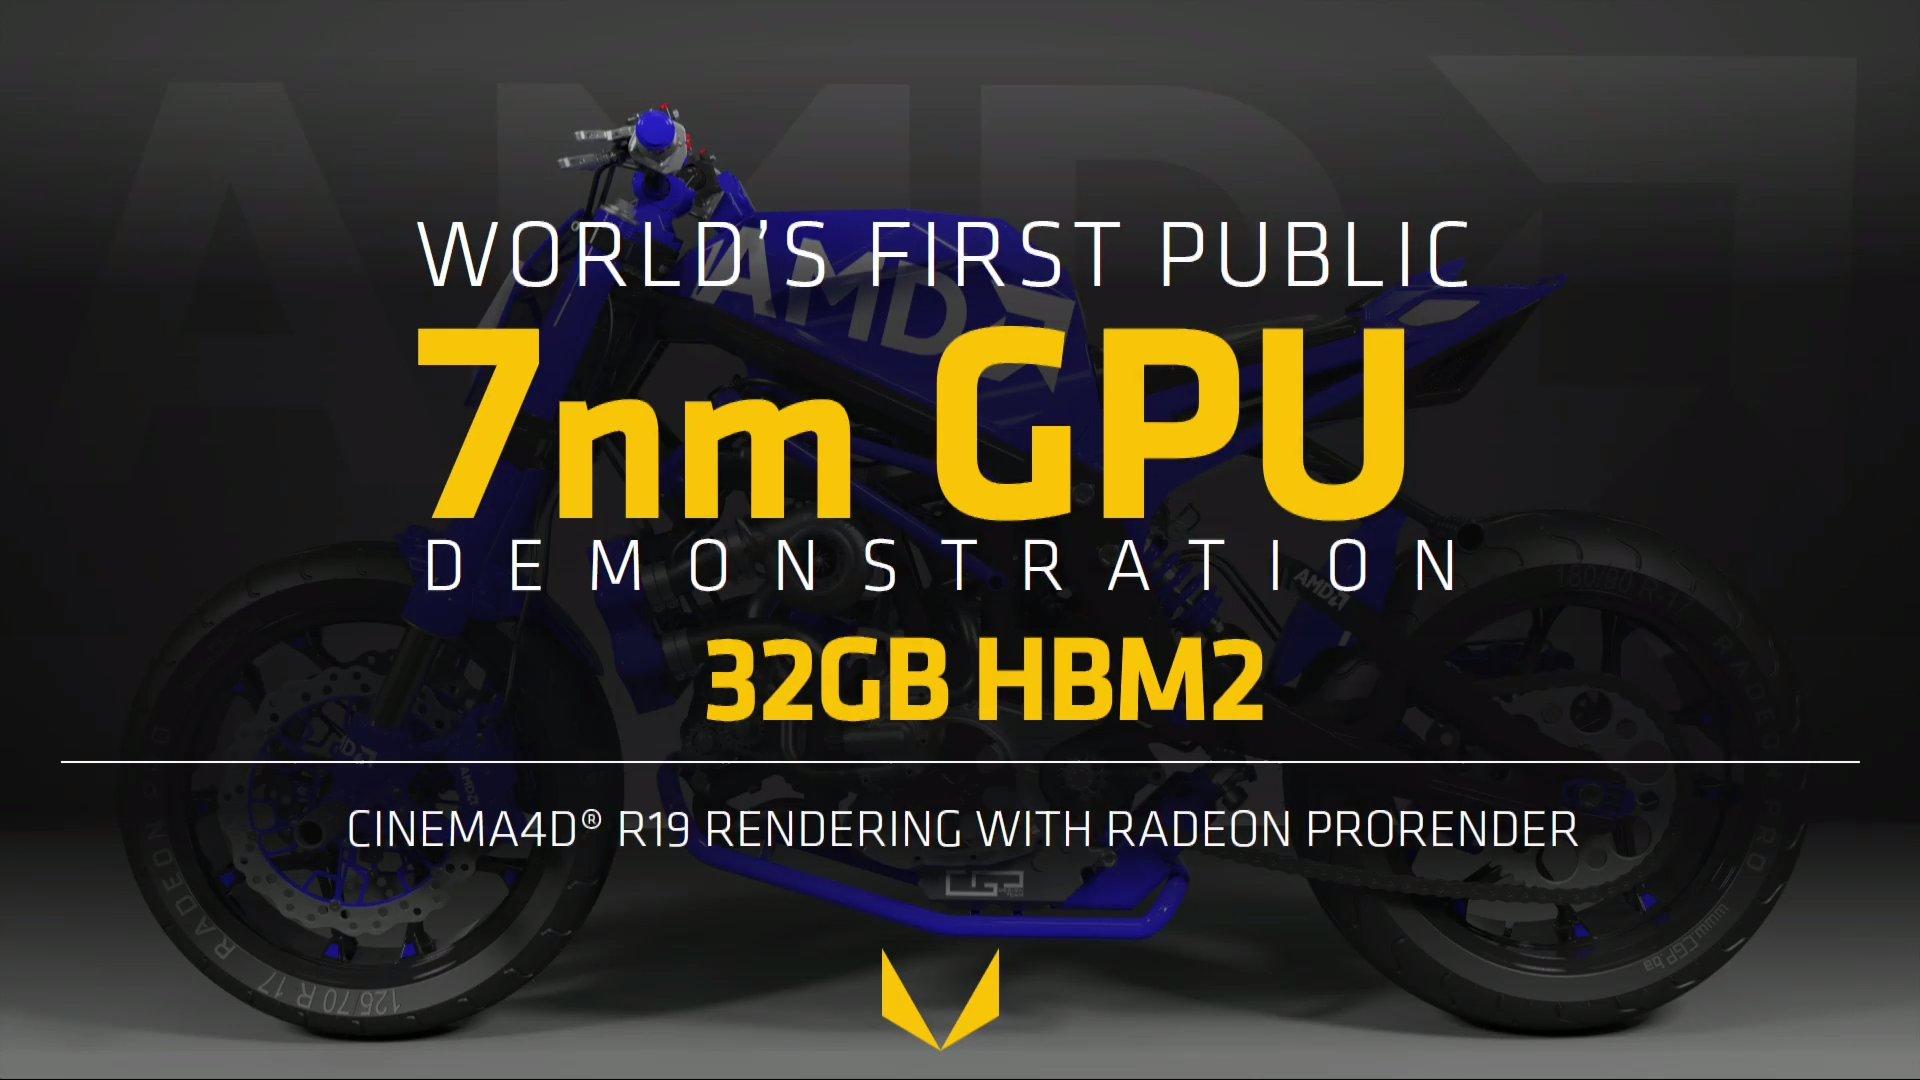 Radeon Instinct con GPU Vega en 7 nm y 32 GB de memoria HBM2, un avance importante 34